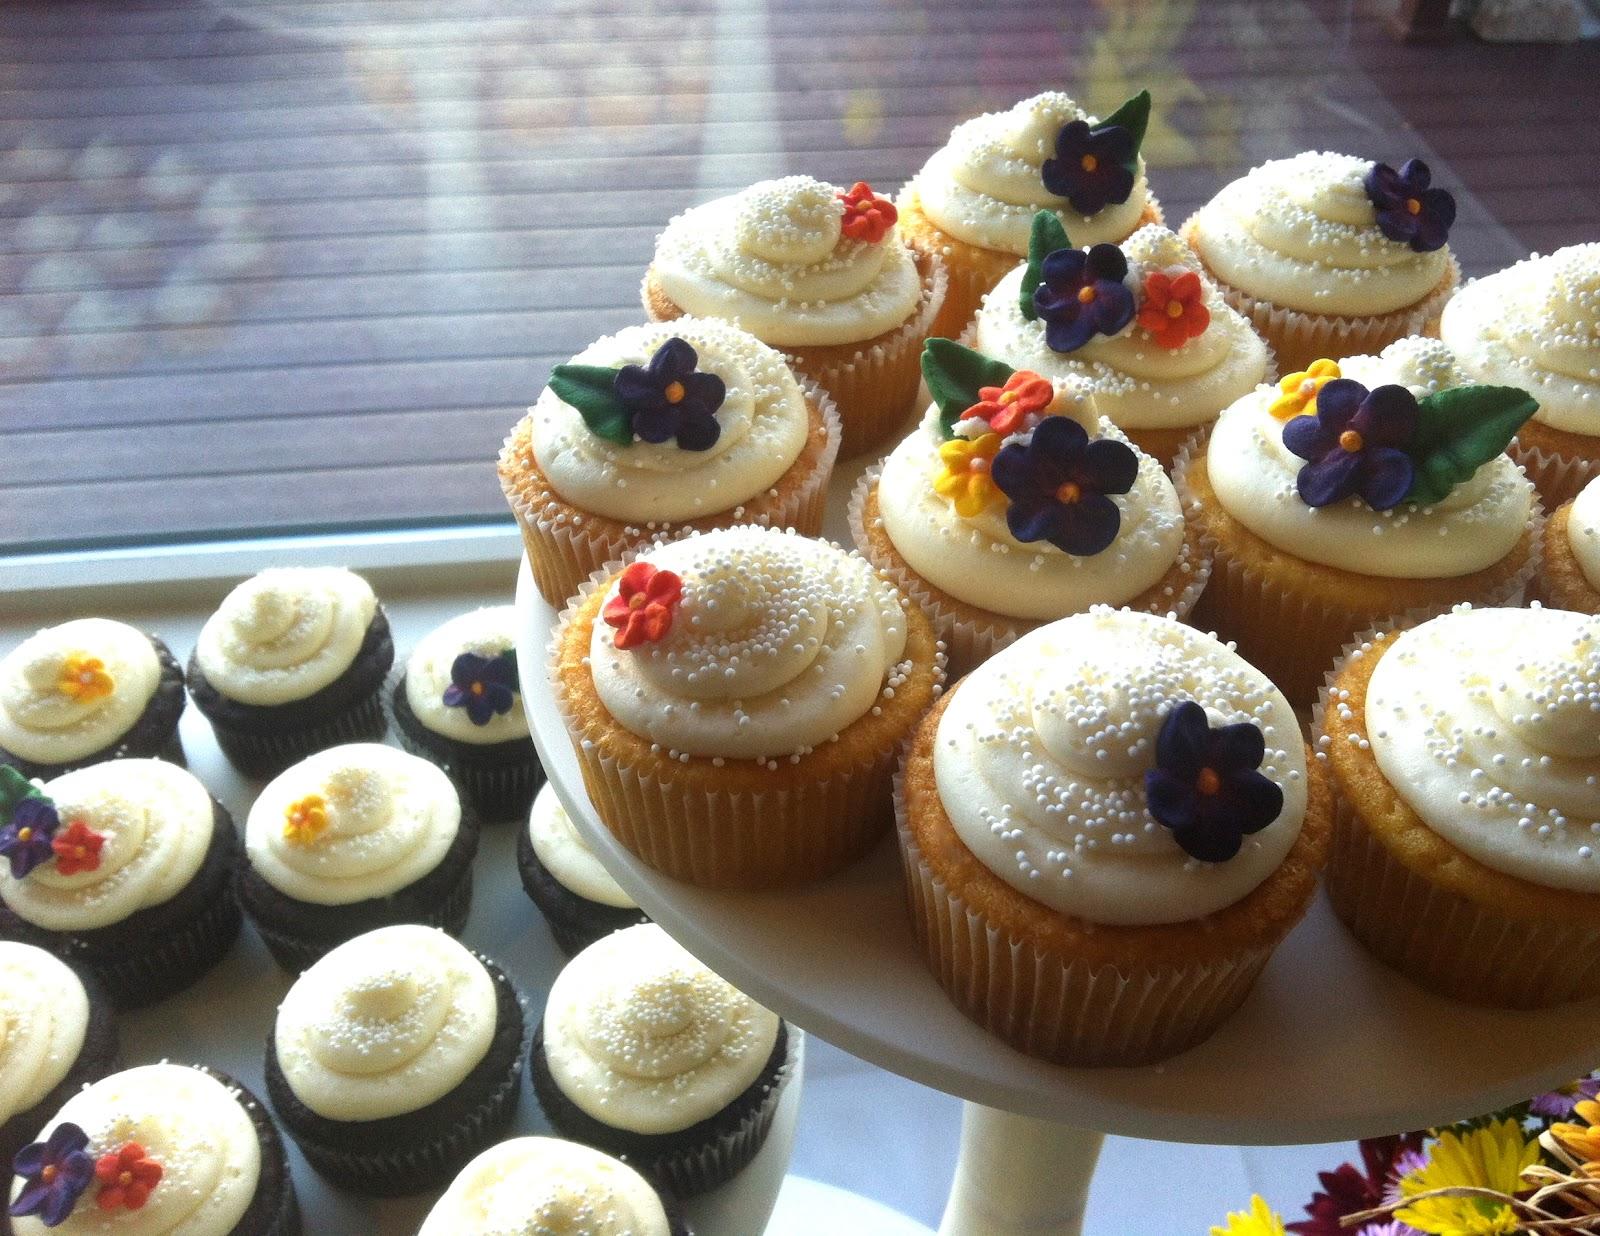 vons cupcakes